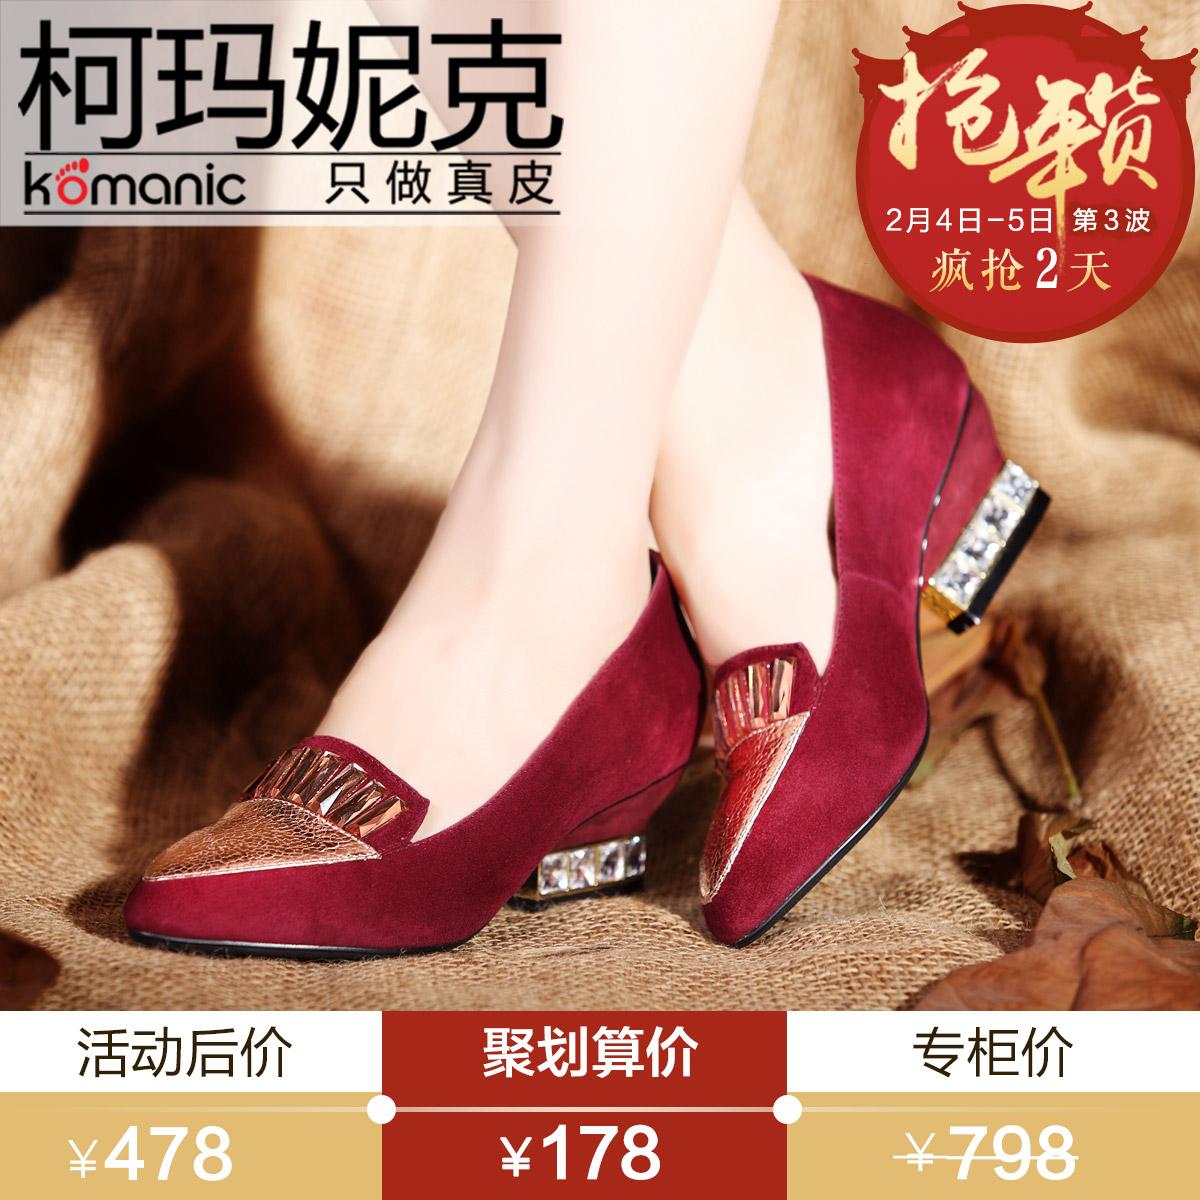 柯玛妮克正品 新款磨砂羊皮女鞋子 优雅水钻粗高跟单鞋K47801